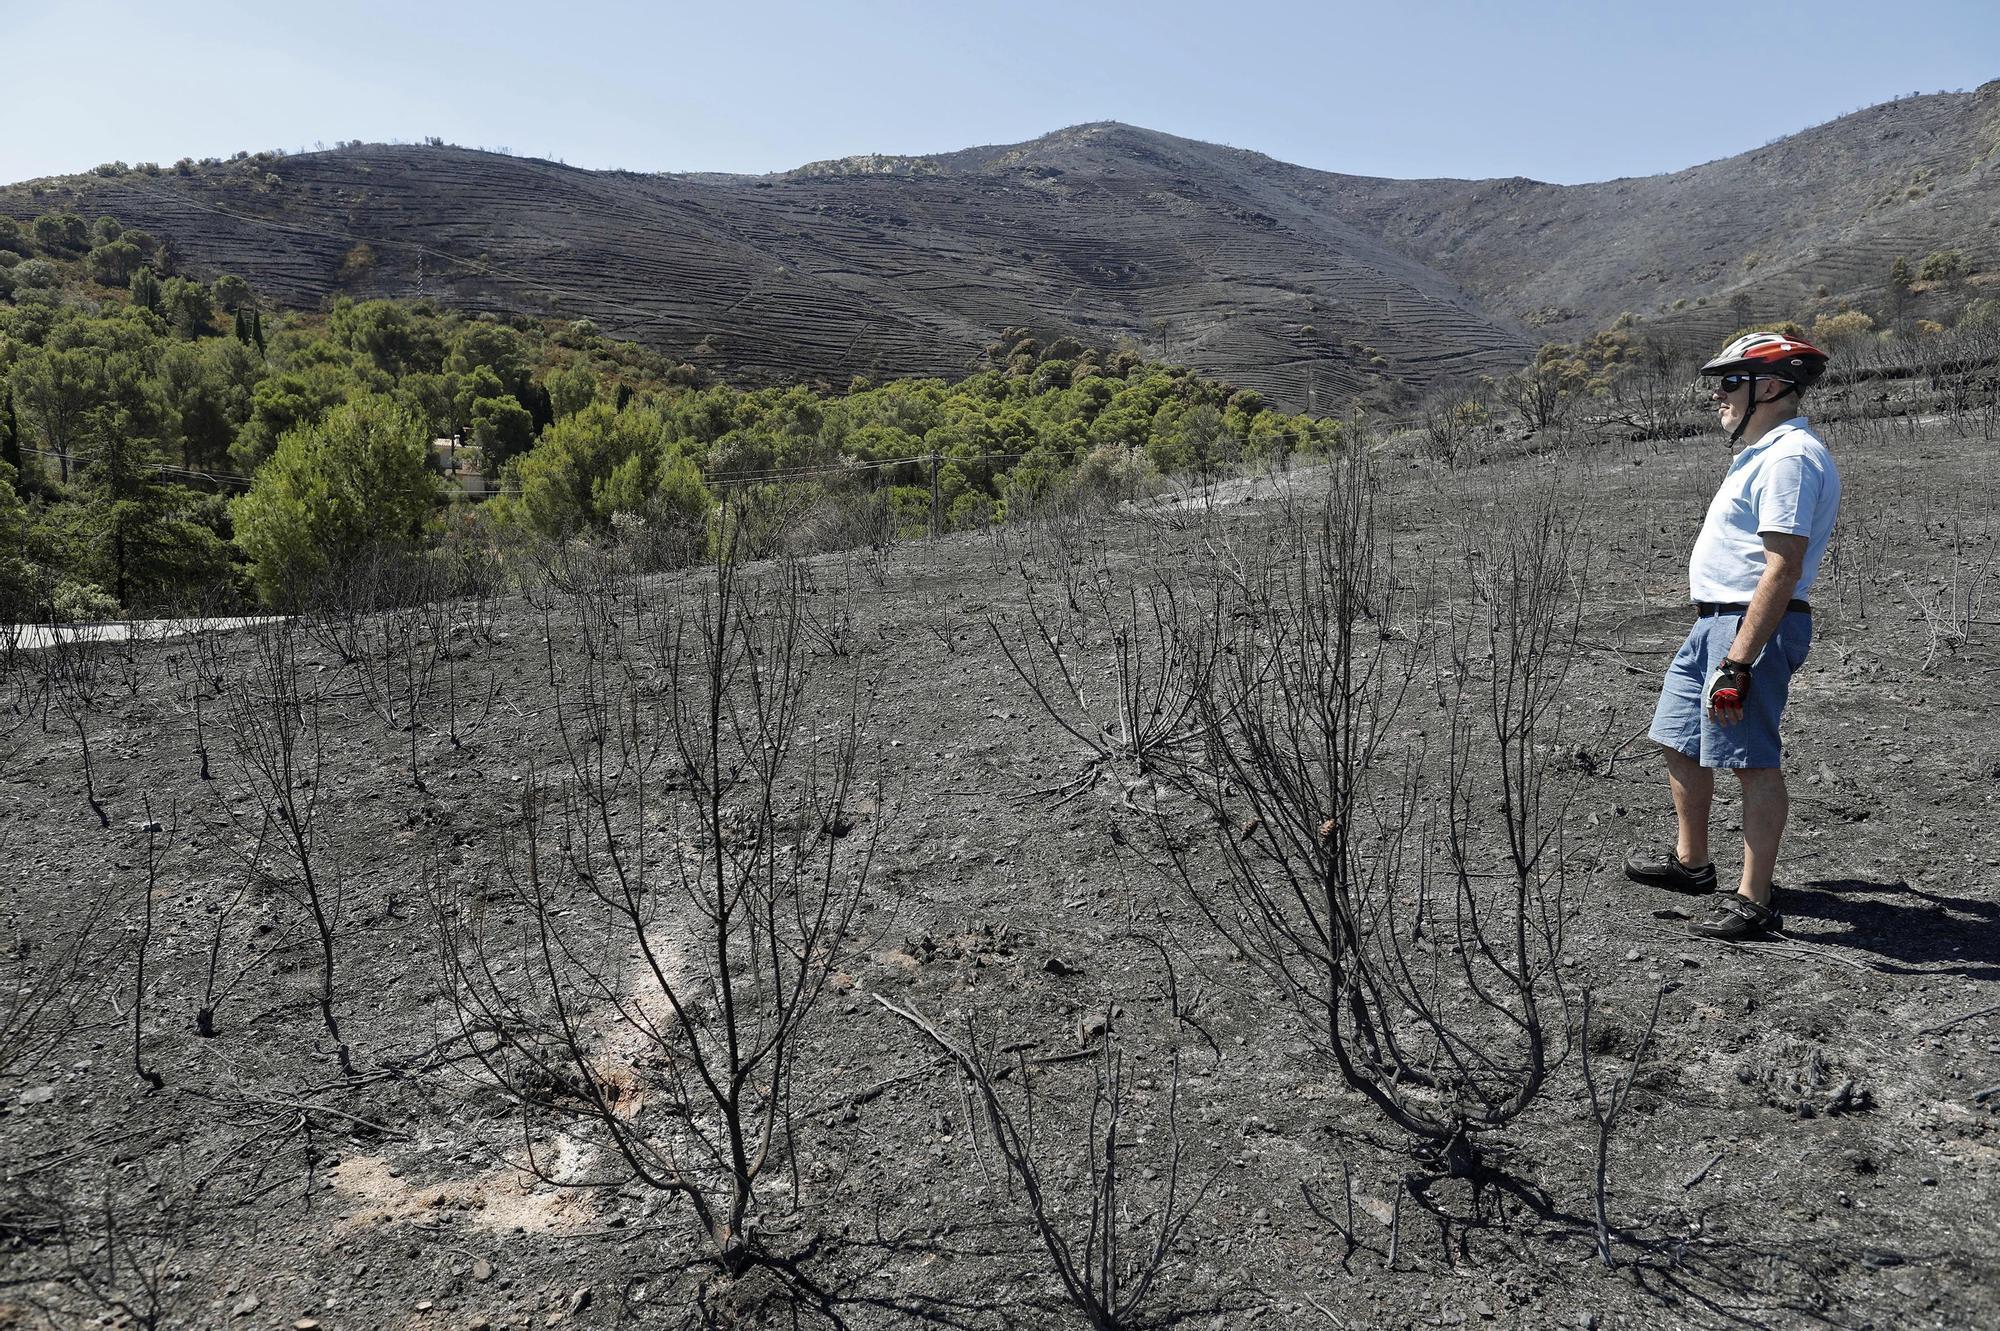 Treballs d'extinció i els danys de l'incendi de Llançà